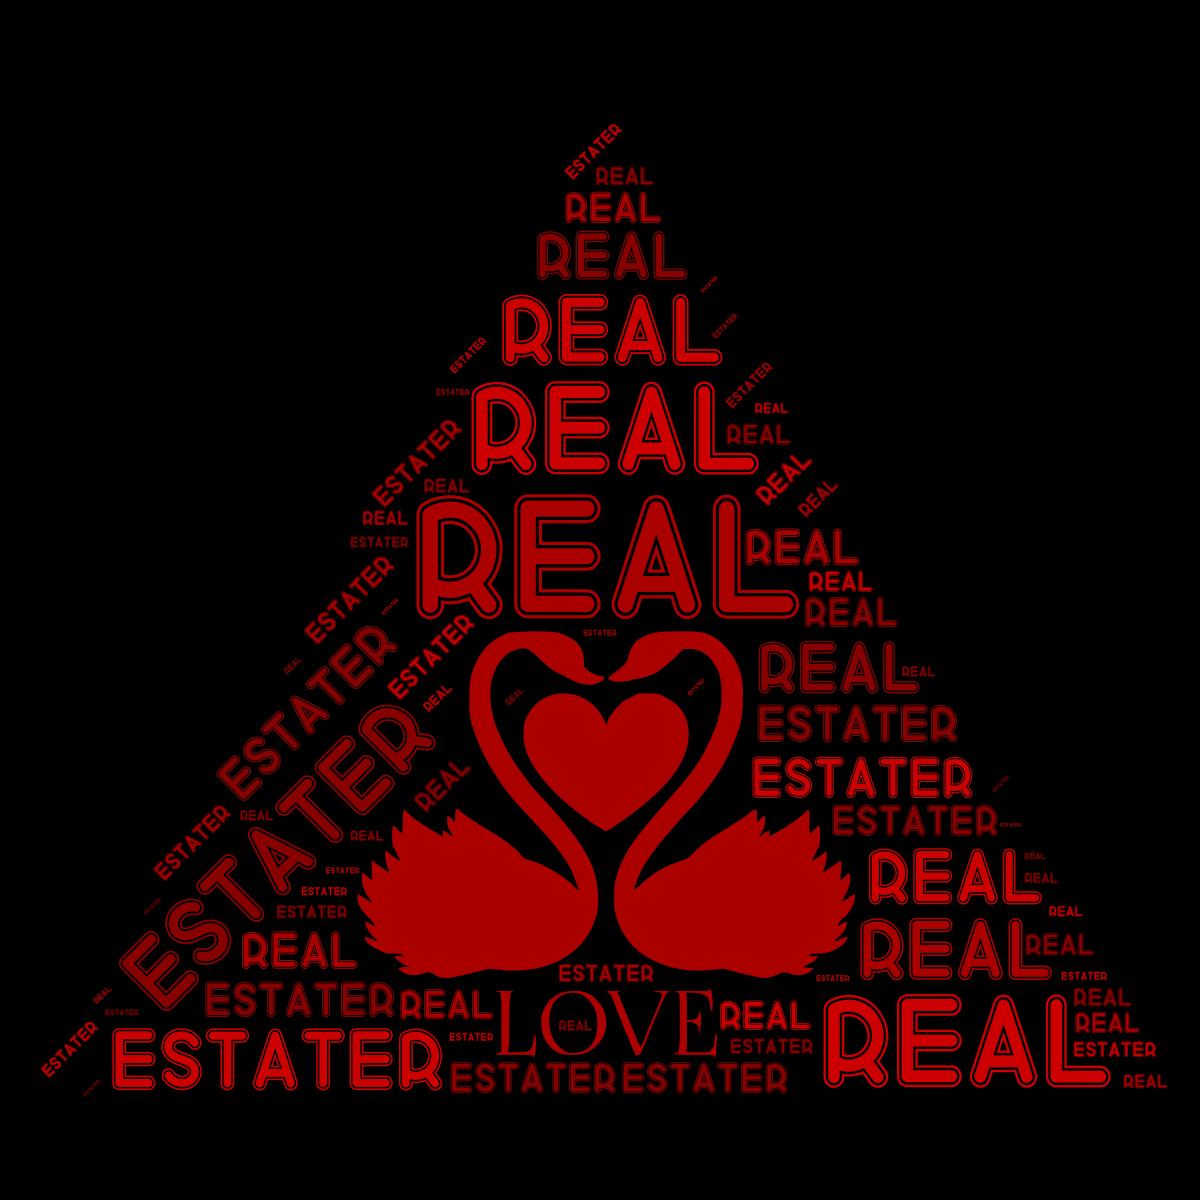 Real Estater